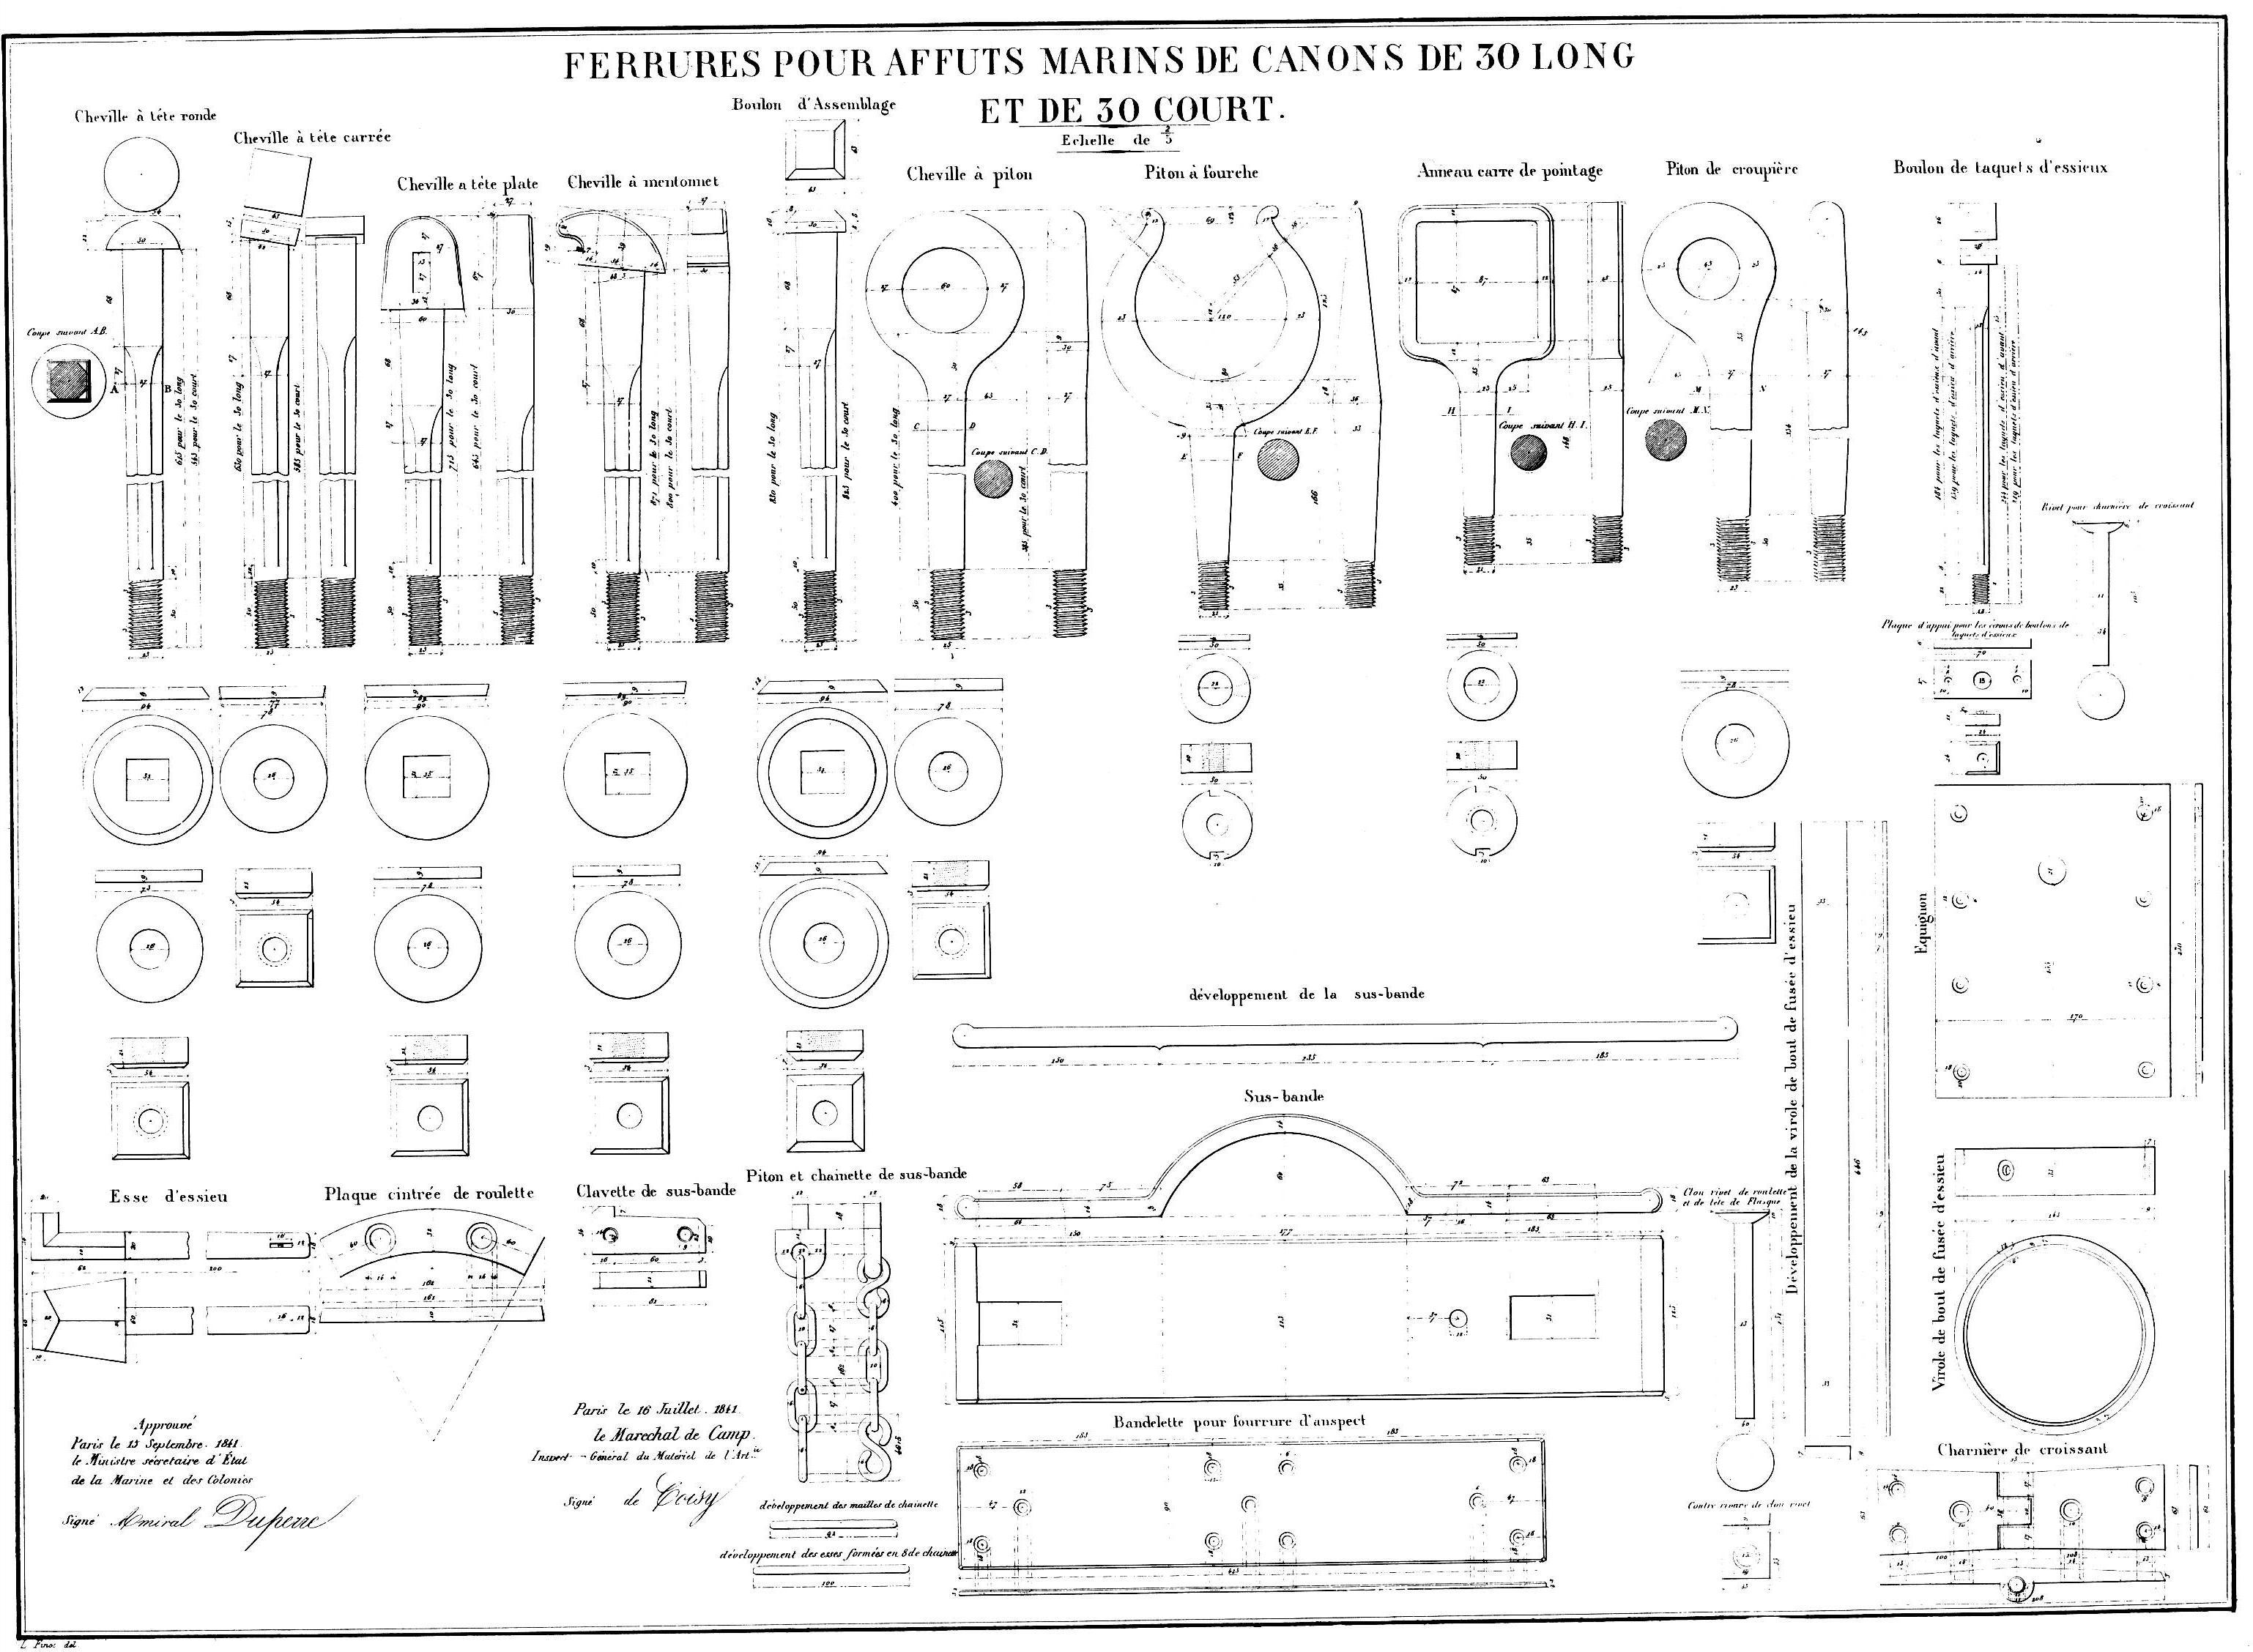 Canon-obusier à la Paixhan, modèle  1842, no 1 - Page 6 Ferrures